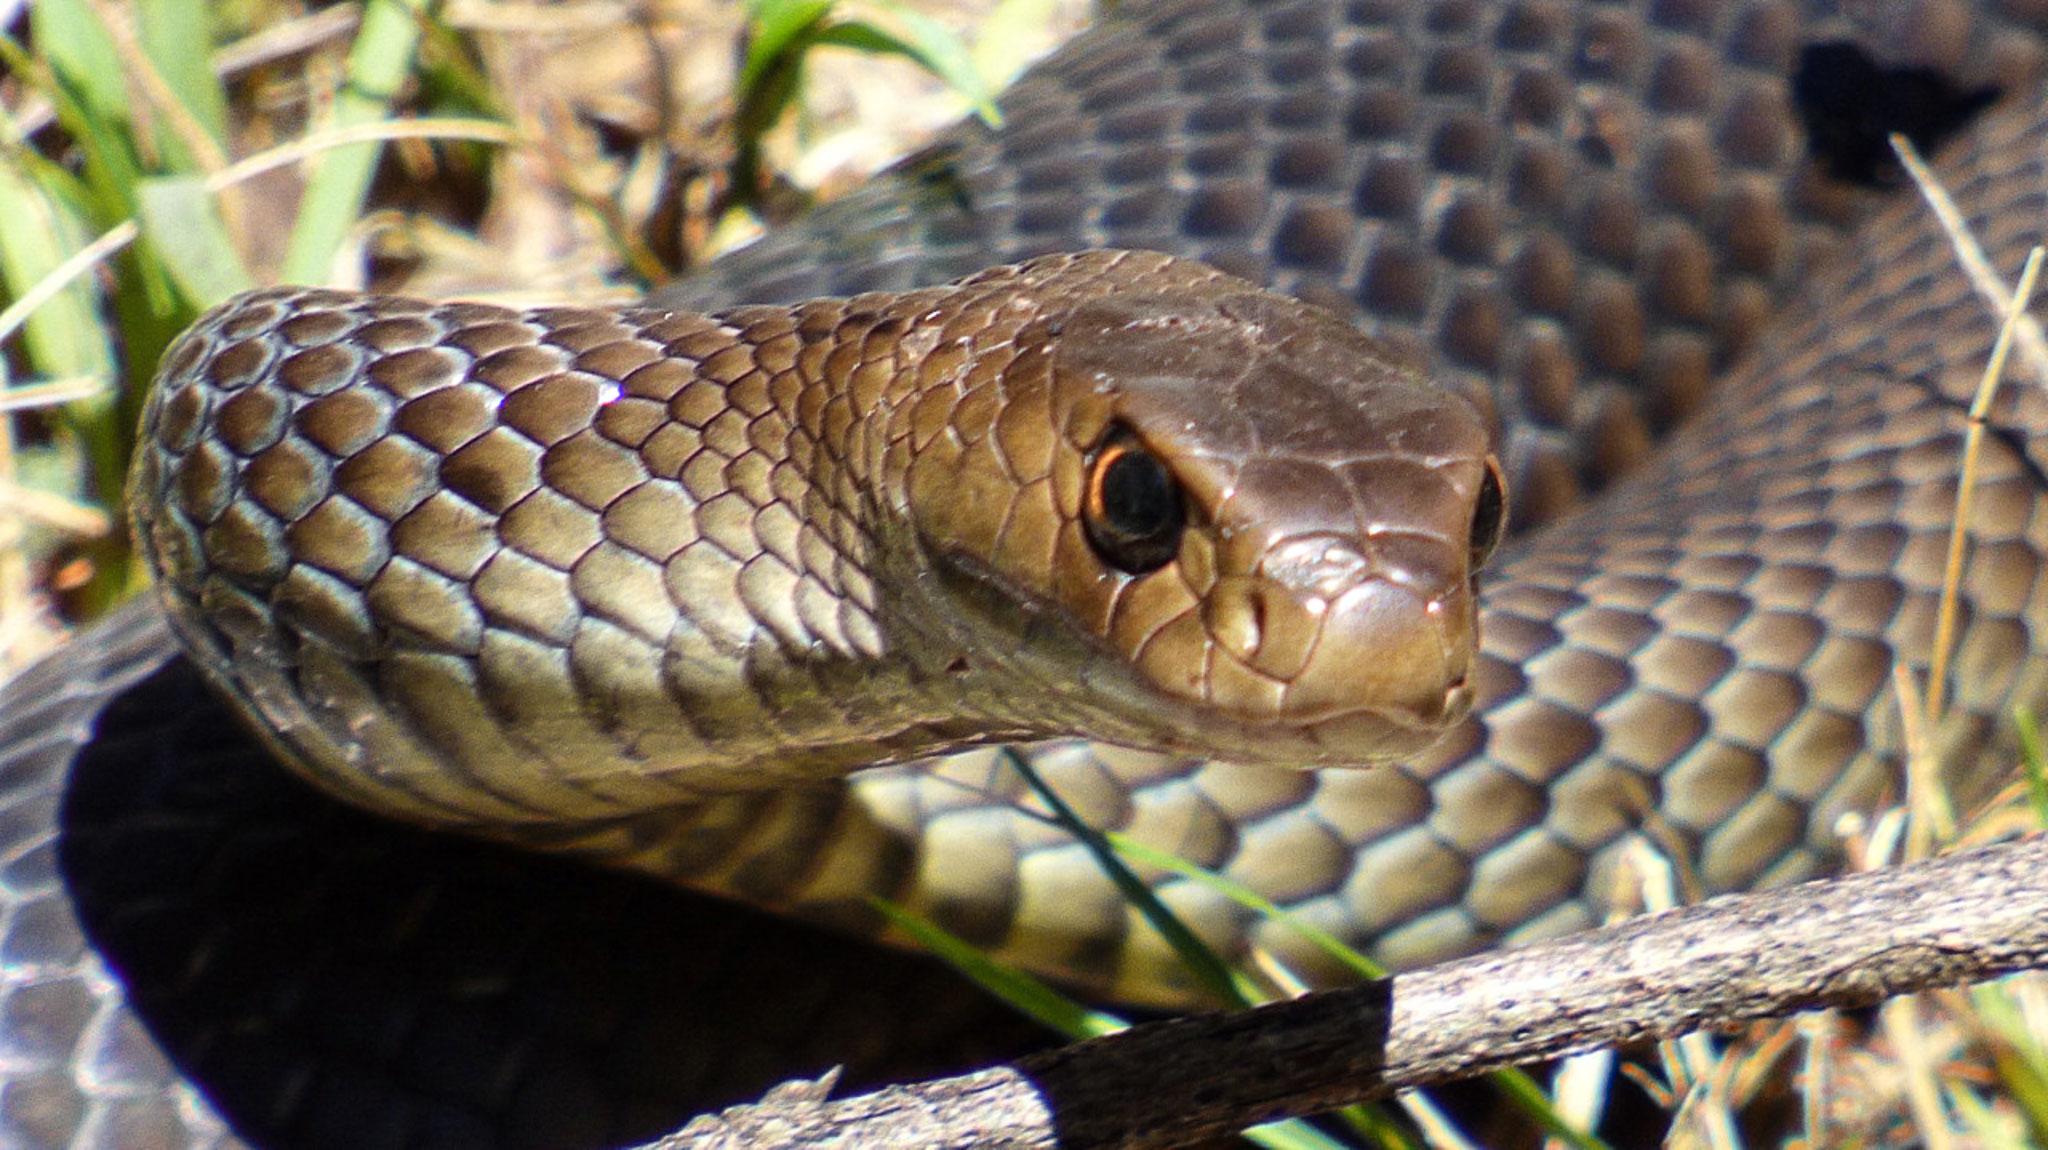 hvem spiser slanger